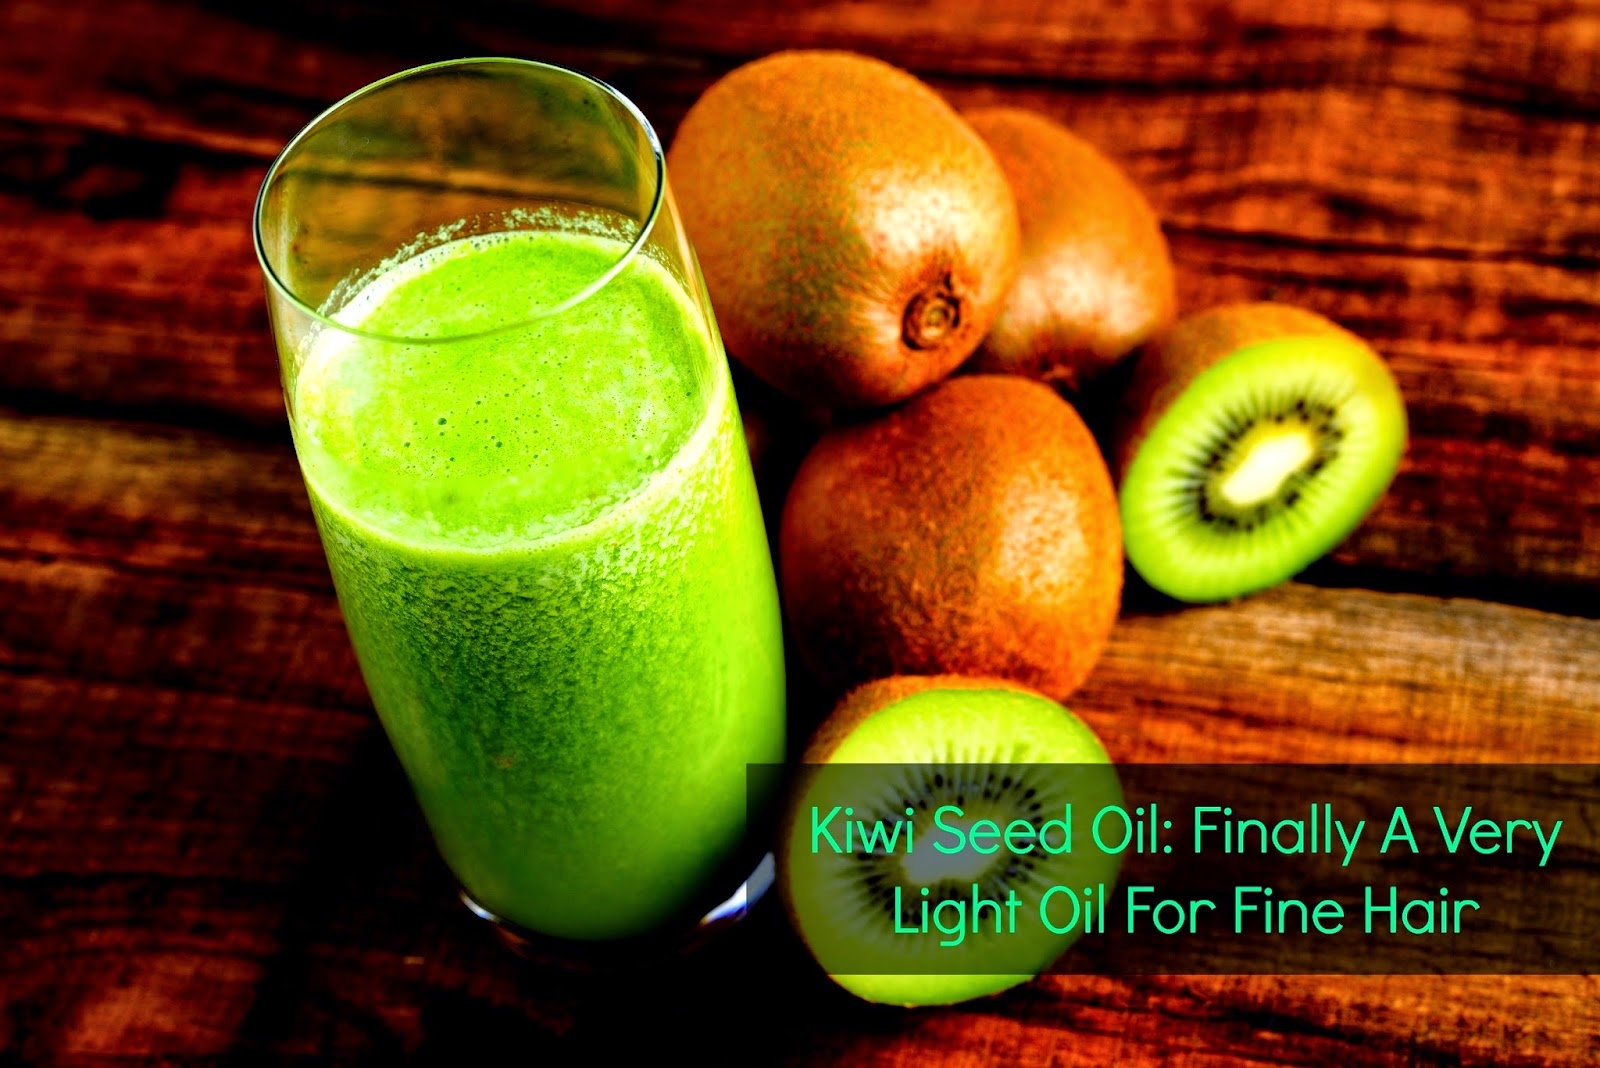 Kiwi Seed Oil: Finally A Very Light Oil For Fine Hair